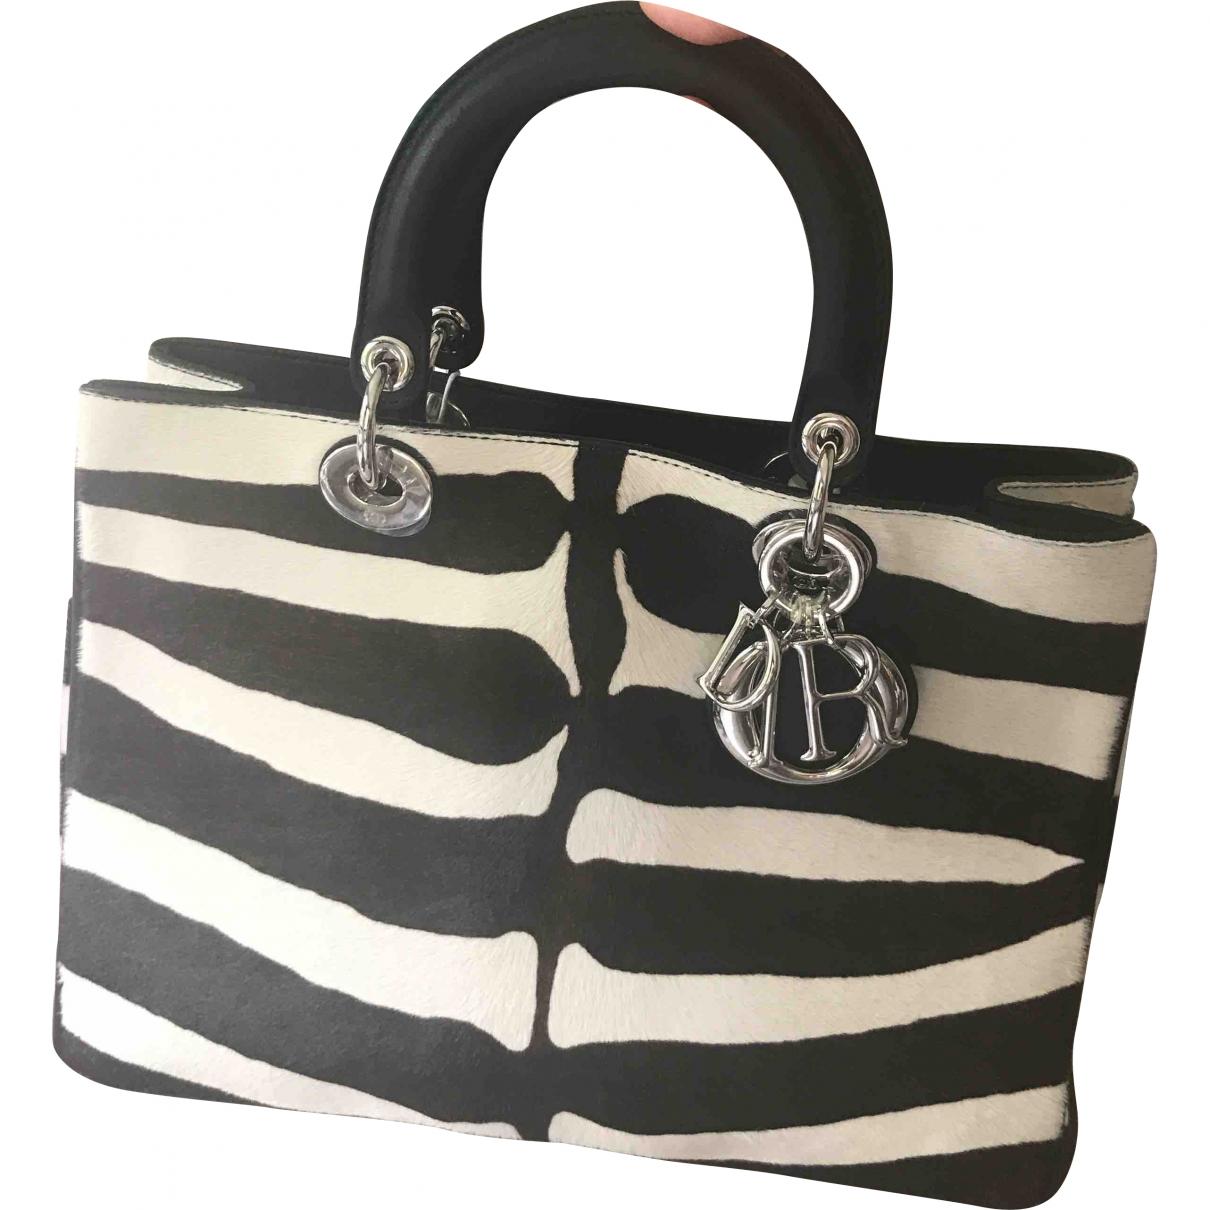 Dior Diorissimo Handtasche in Kalbsleder in Pony-Optik